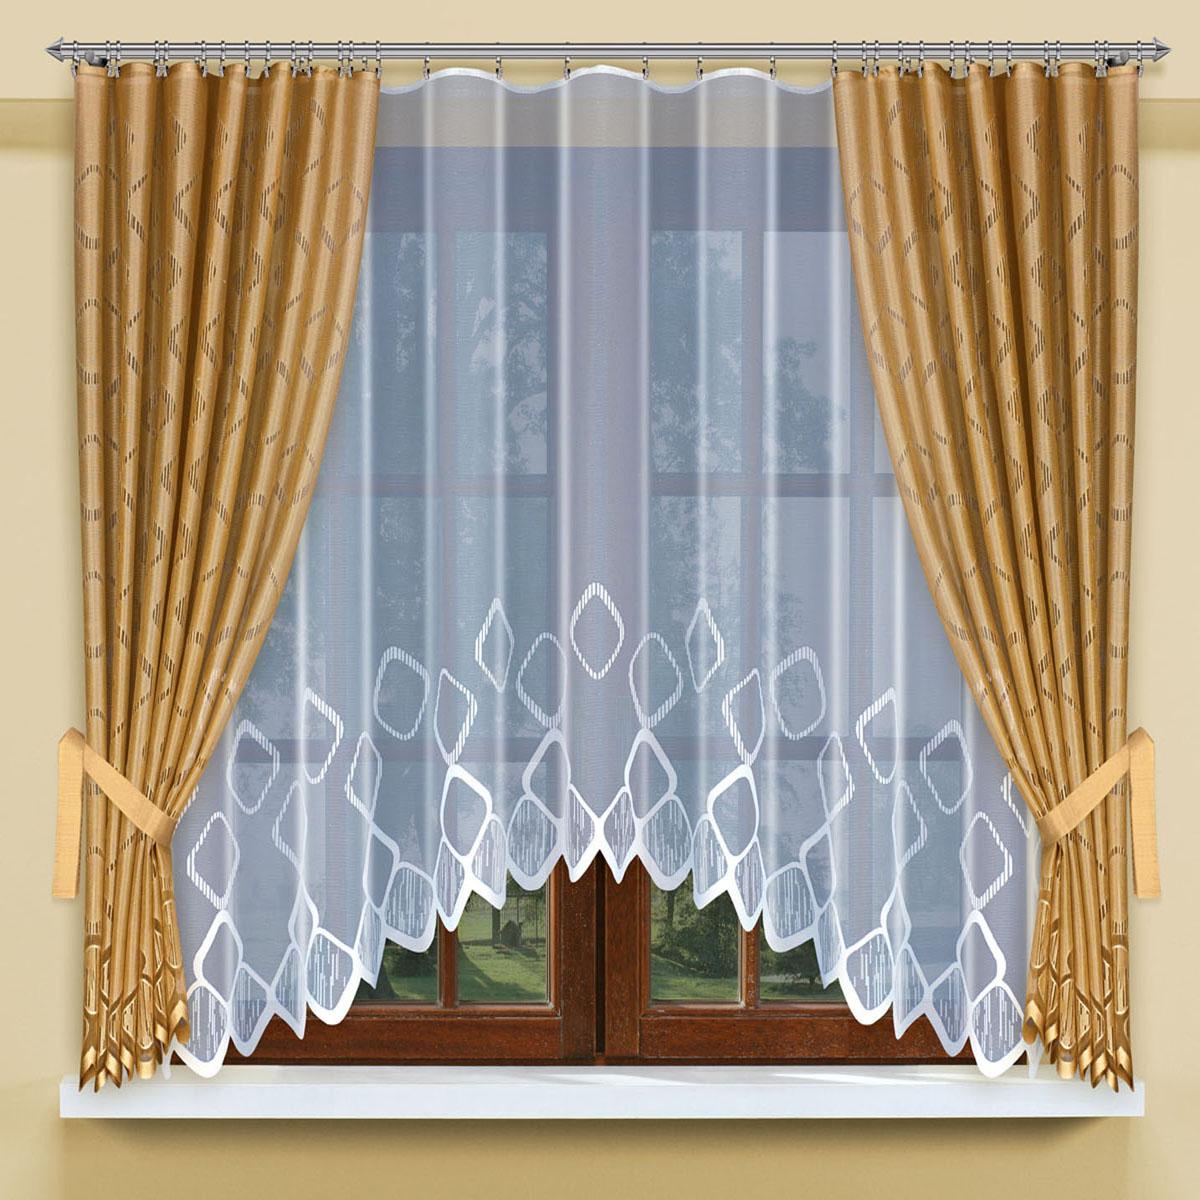 Комплект штор для кухни Haft, цвет: золотистый, высота 170 см200800/160Комплект штор для кухни Haft, состоящий из белого жаккардового тюля, портьер золотистого цвета и подхватов, великолепно украсит любое окно. Комплект имеет оригинальный дизайн и органично впишется в интерьер помещения. Размеры:Тюль: высота 160 см, ширина 300 см;Шторы: высота 170 см, ширина 145 см.